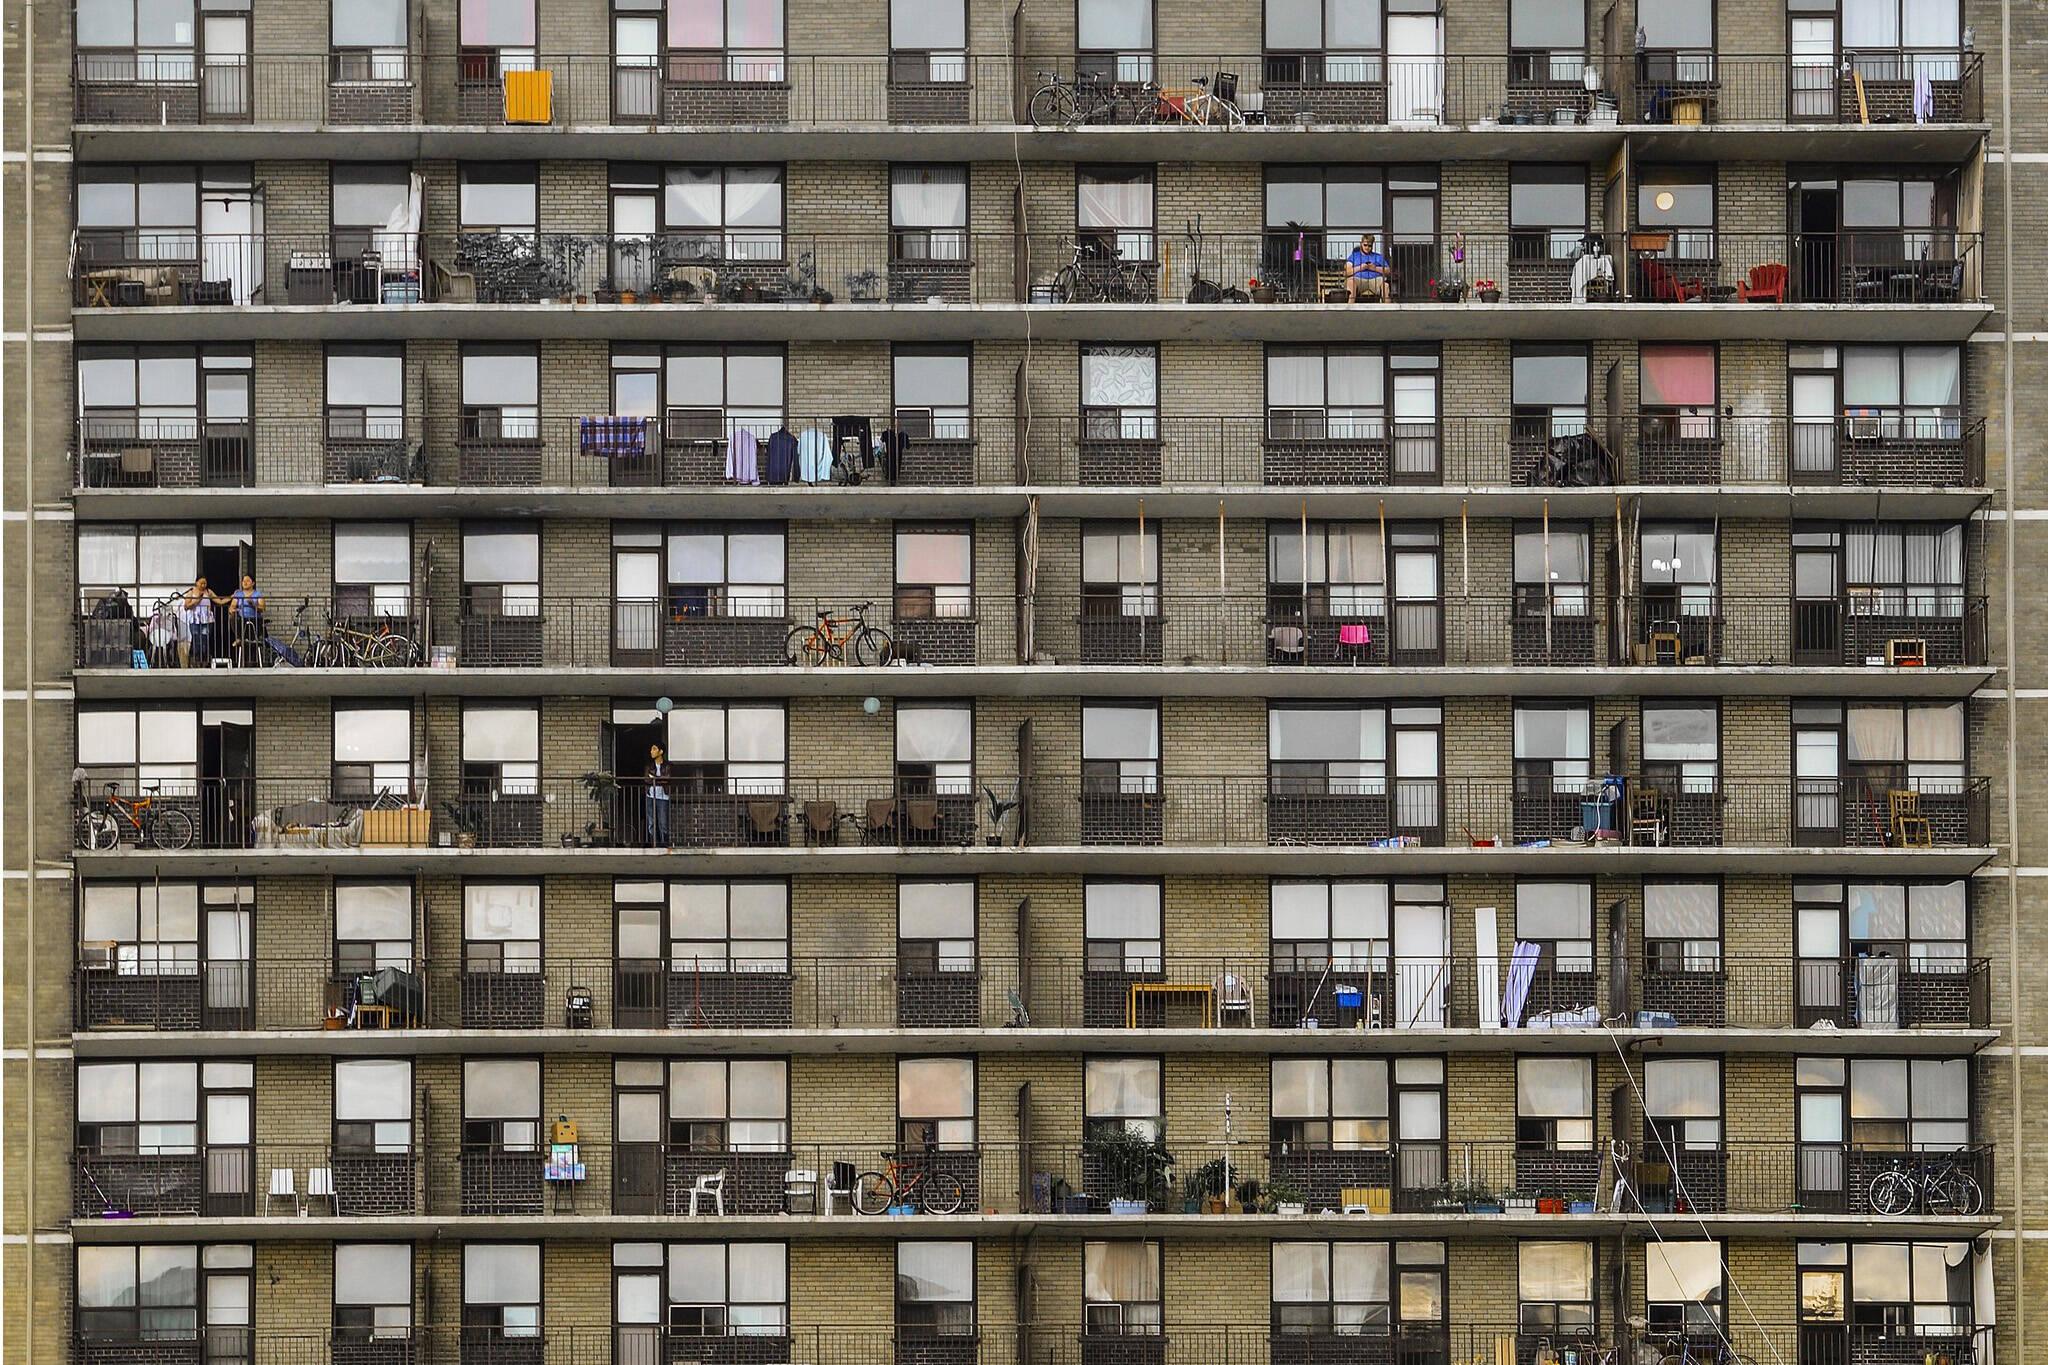 toronto rental housing